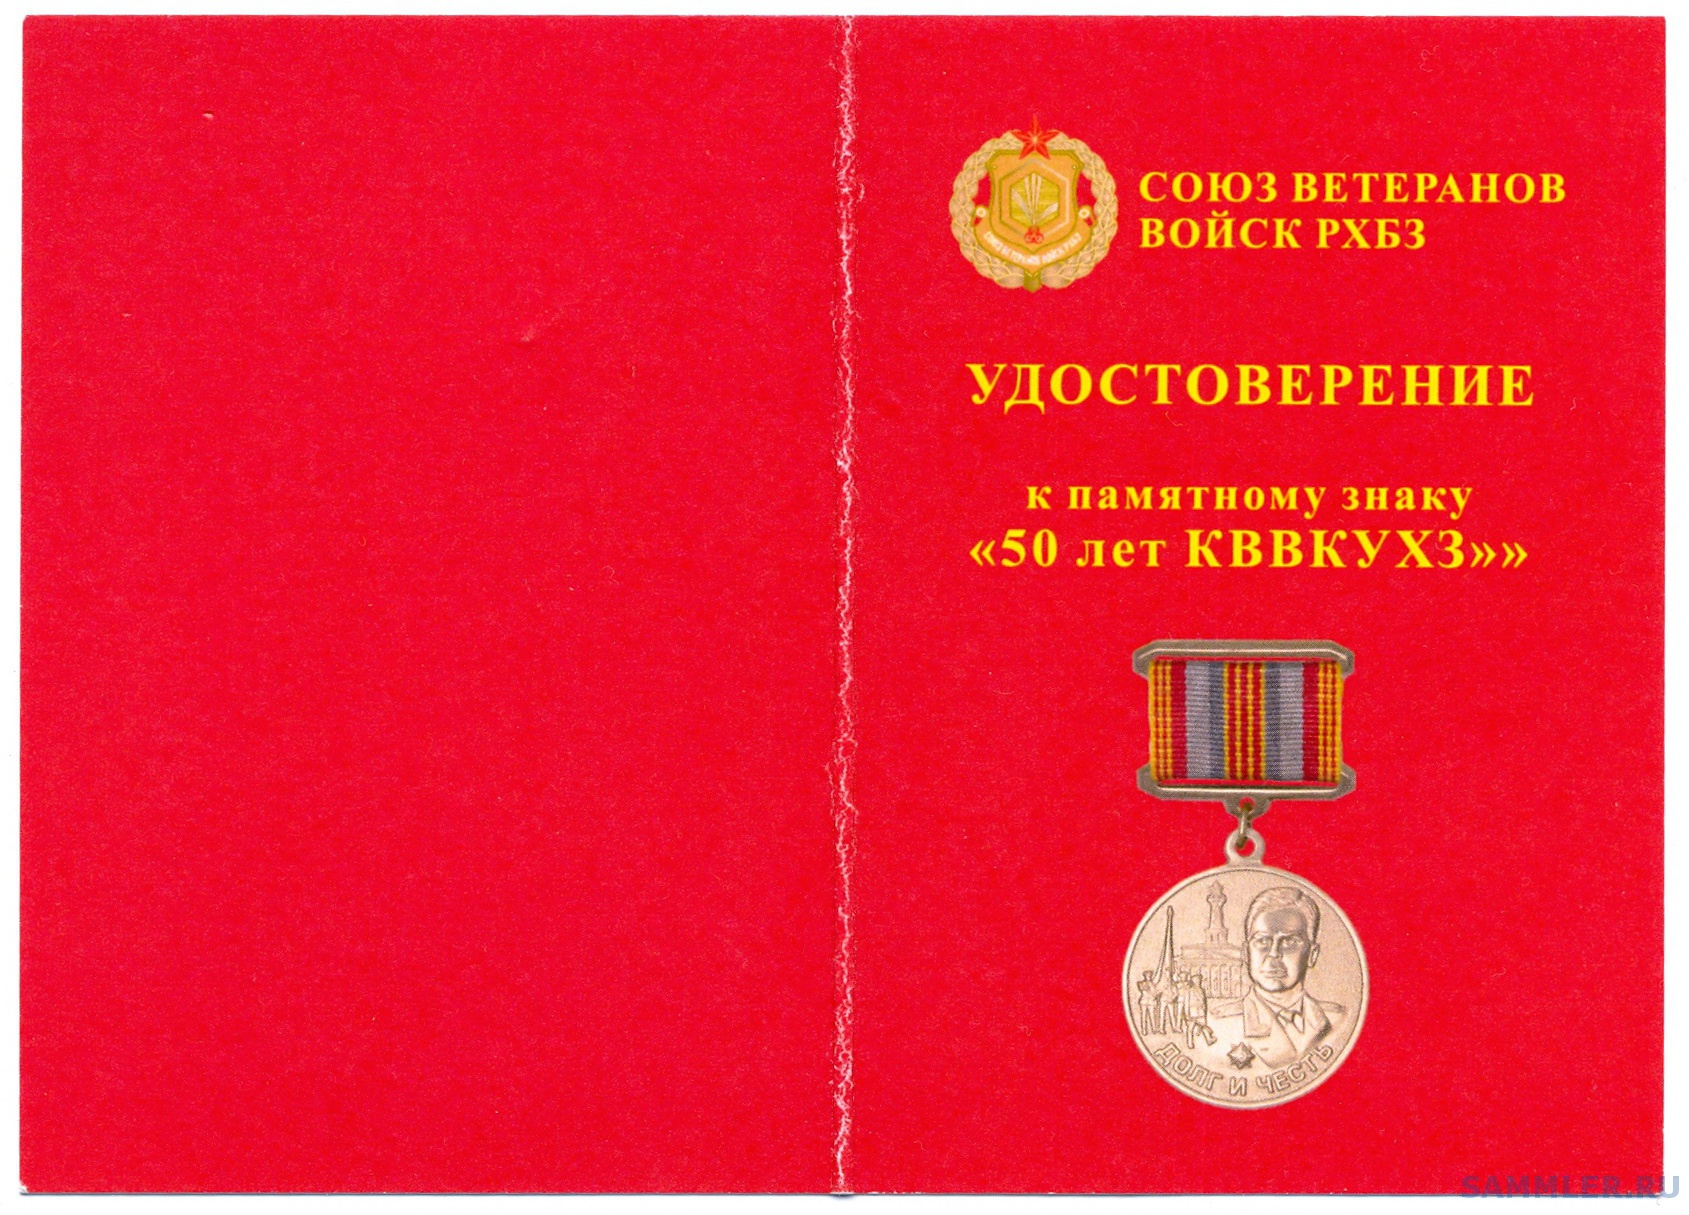 медаль 50 лет КВВКУХЗ0005.jpg